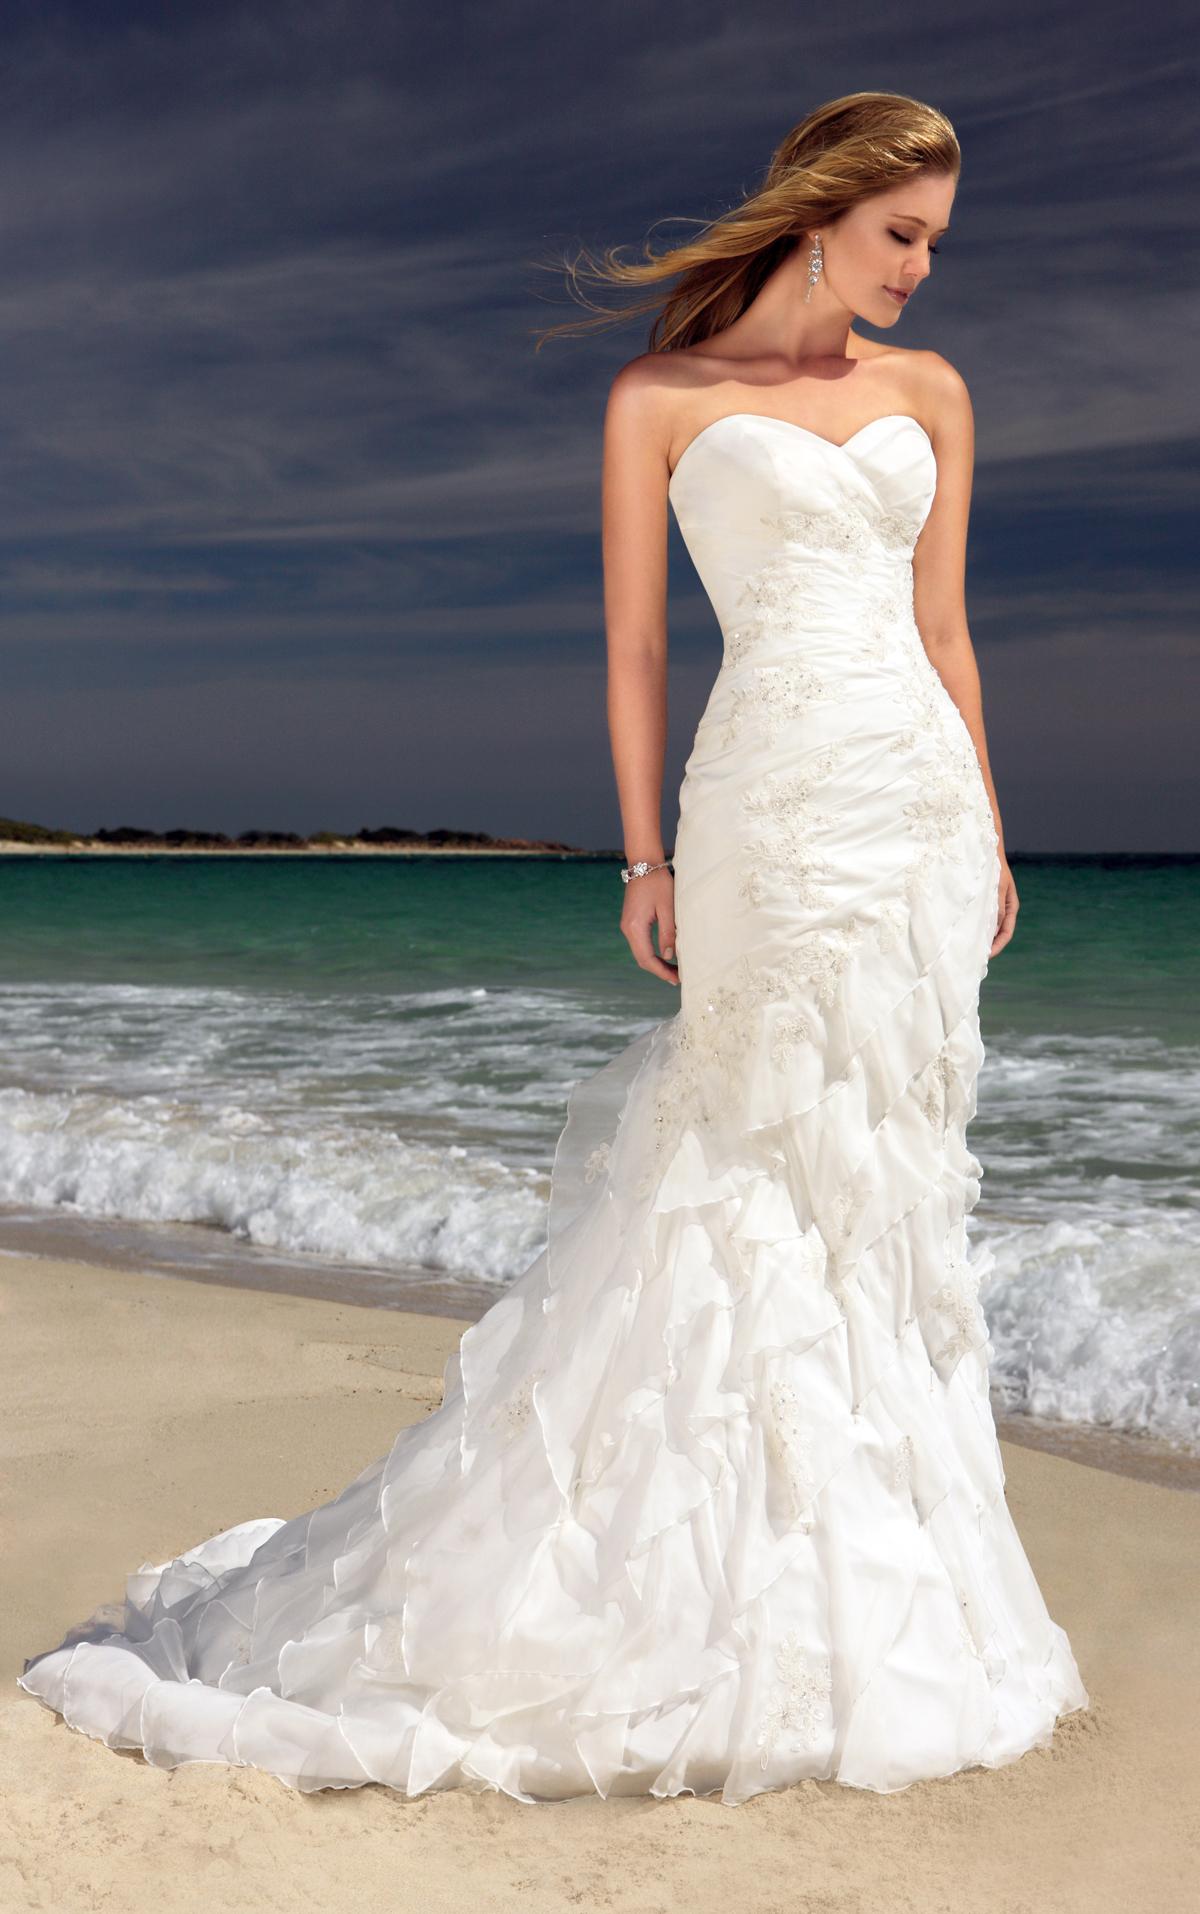 top 10 wedding dress style mermaid 2 mermaid style wedding dress Mermaid Wedding Dress Ella Bridals top 10 wedding dress style